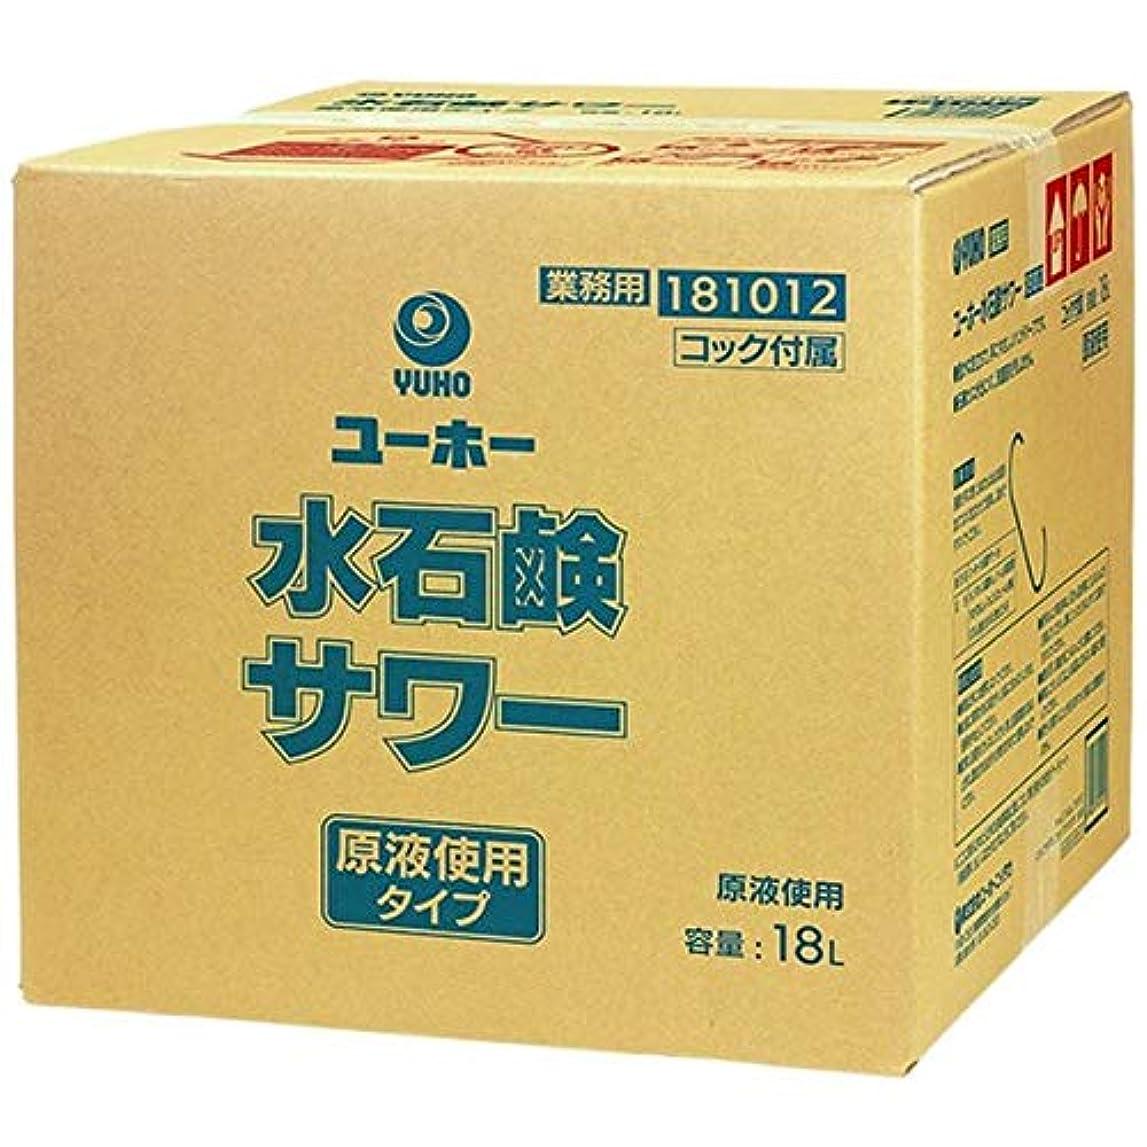 マージン放出準備業務用 ハンドソープ 水石鹸サワー 原液タイプ 18L 181011 (希釈しないで使用できる原液タイプのハンドソープ)